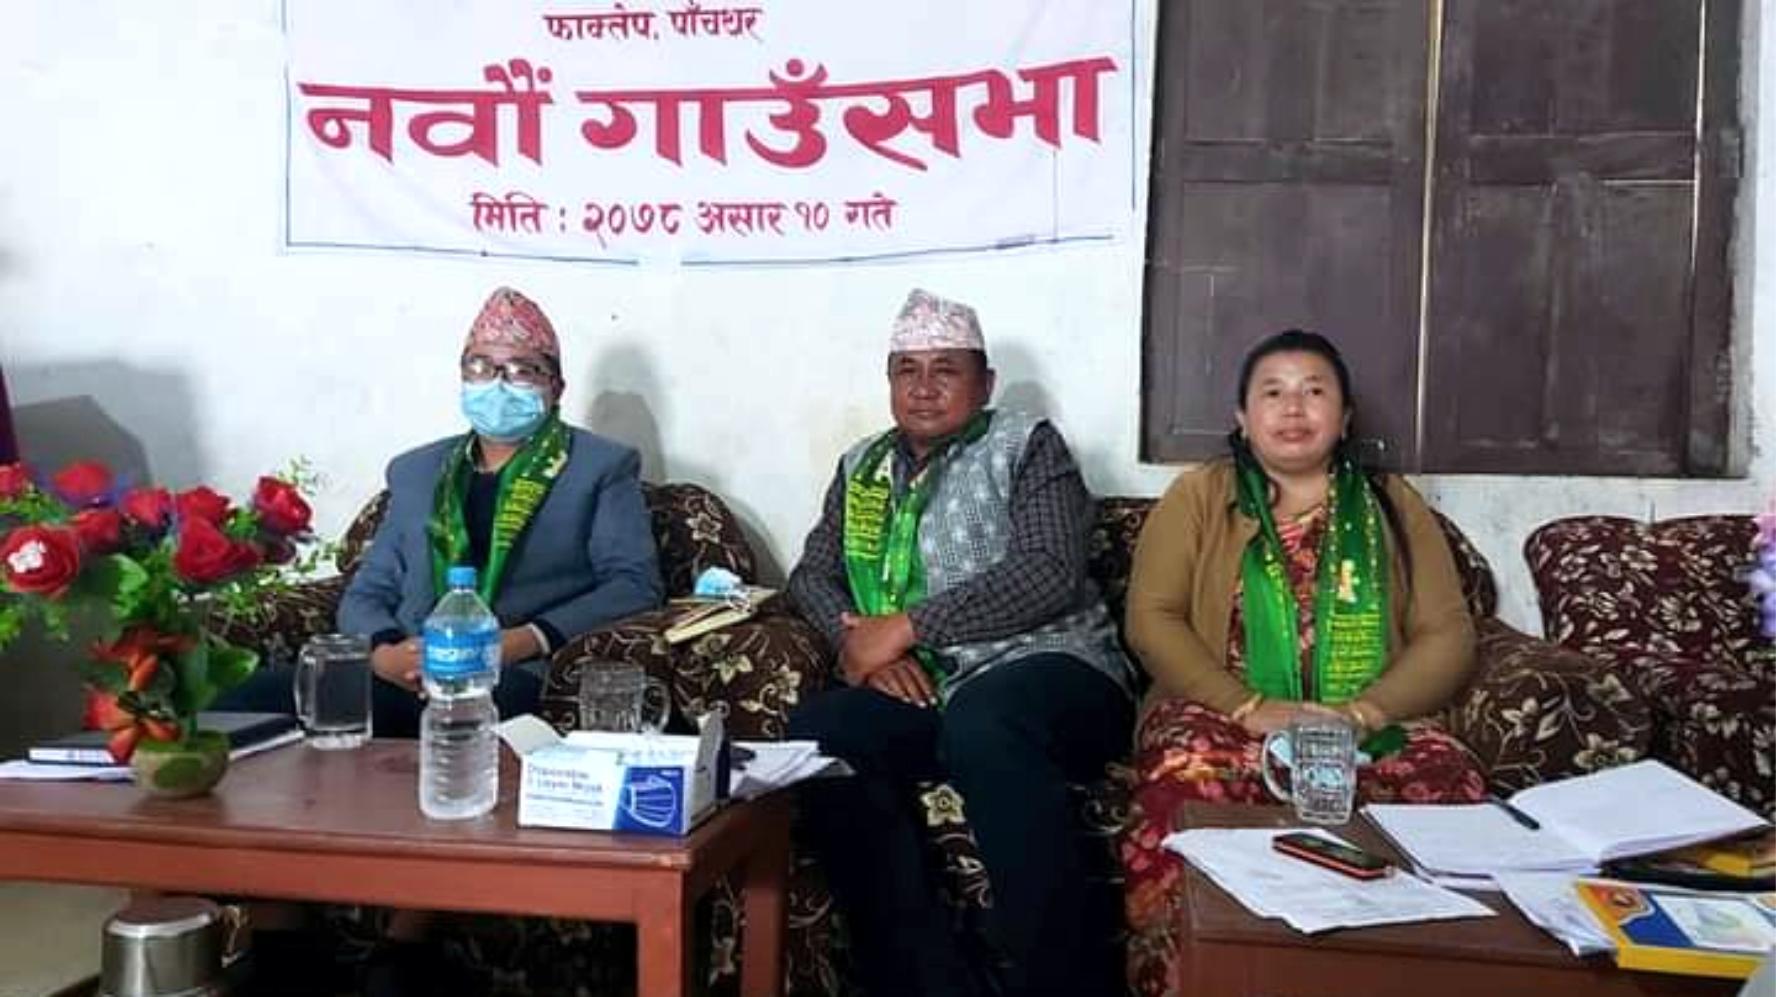 फल्गुनन्दमा 'लिम्बू भाषा' सरकारी कामकाजी भाषा बन्दै